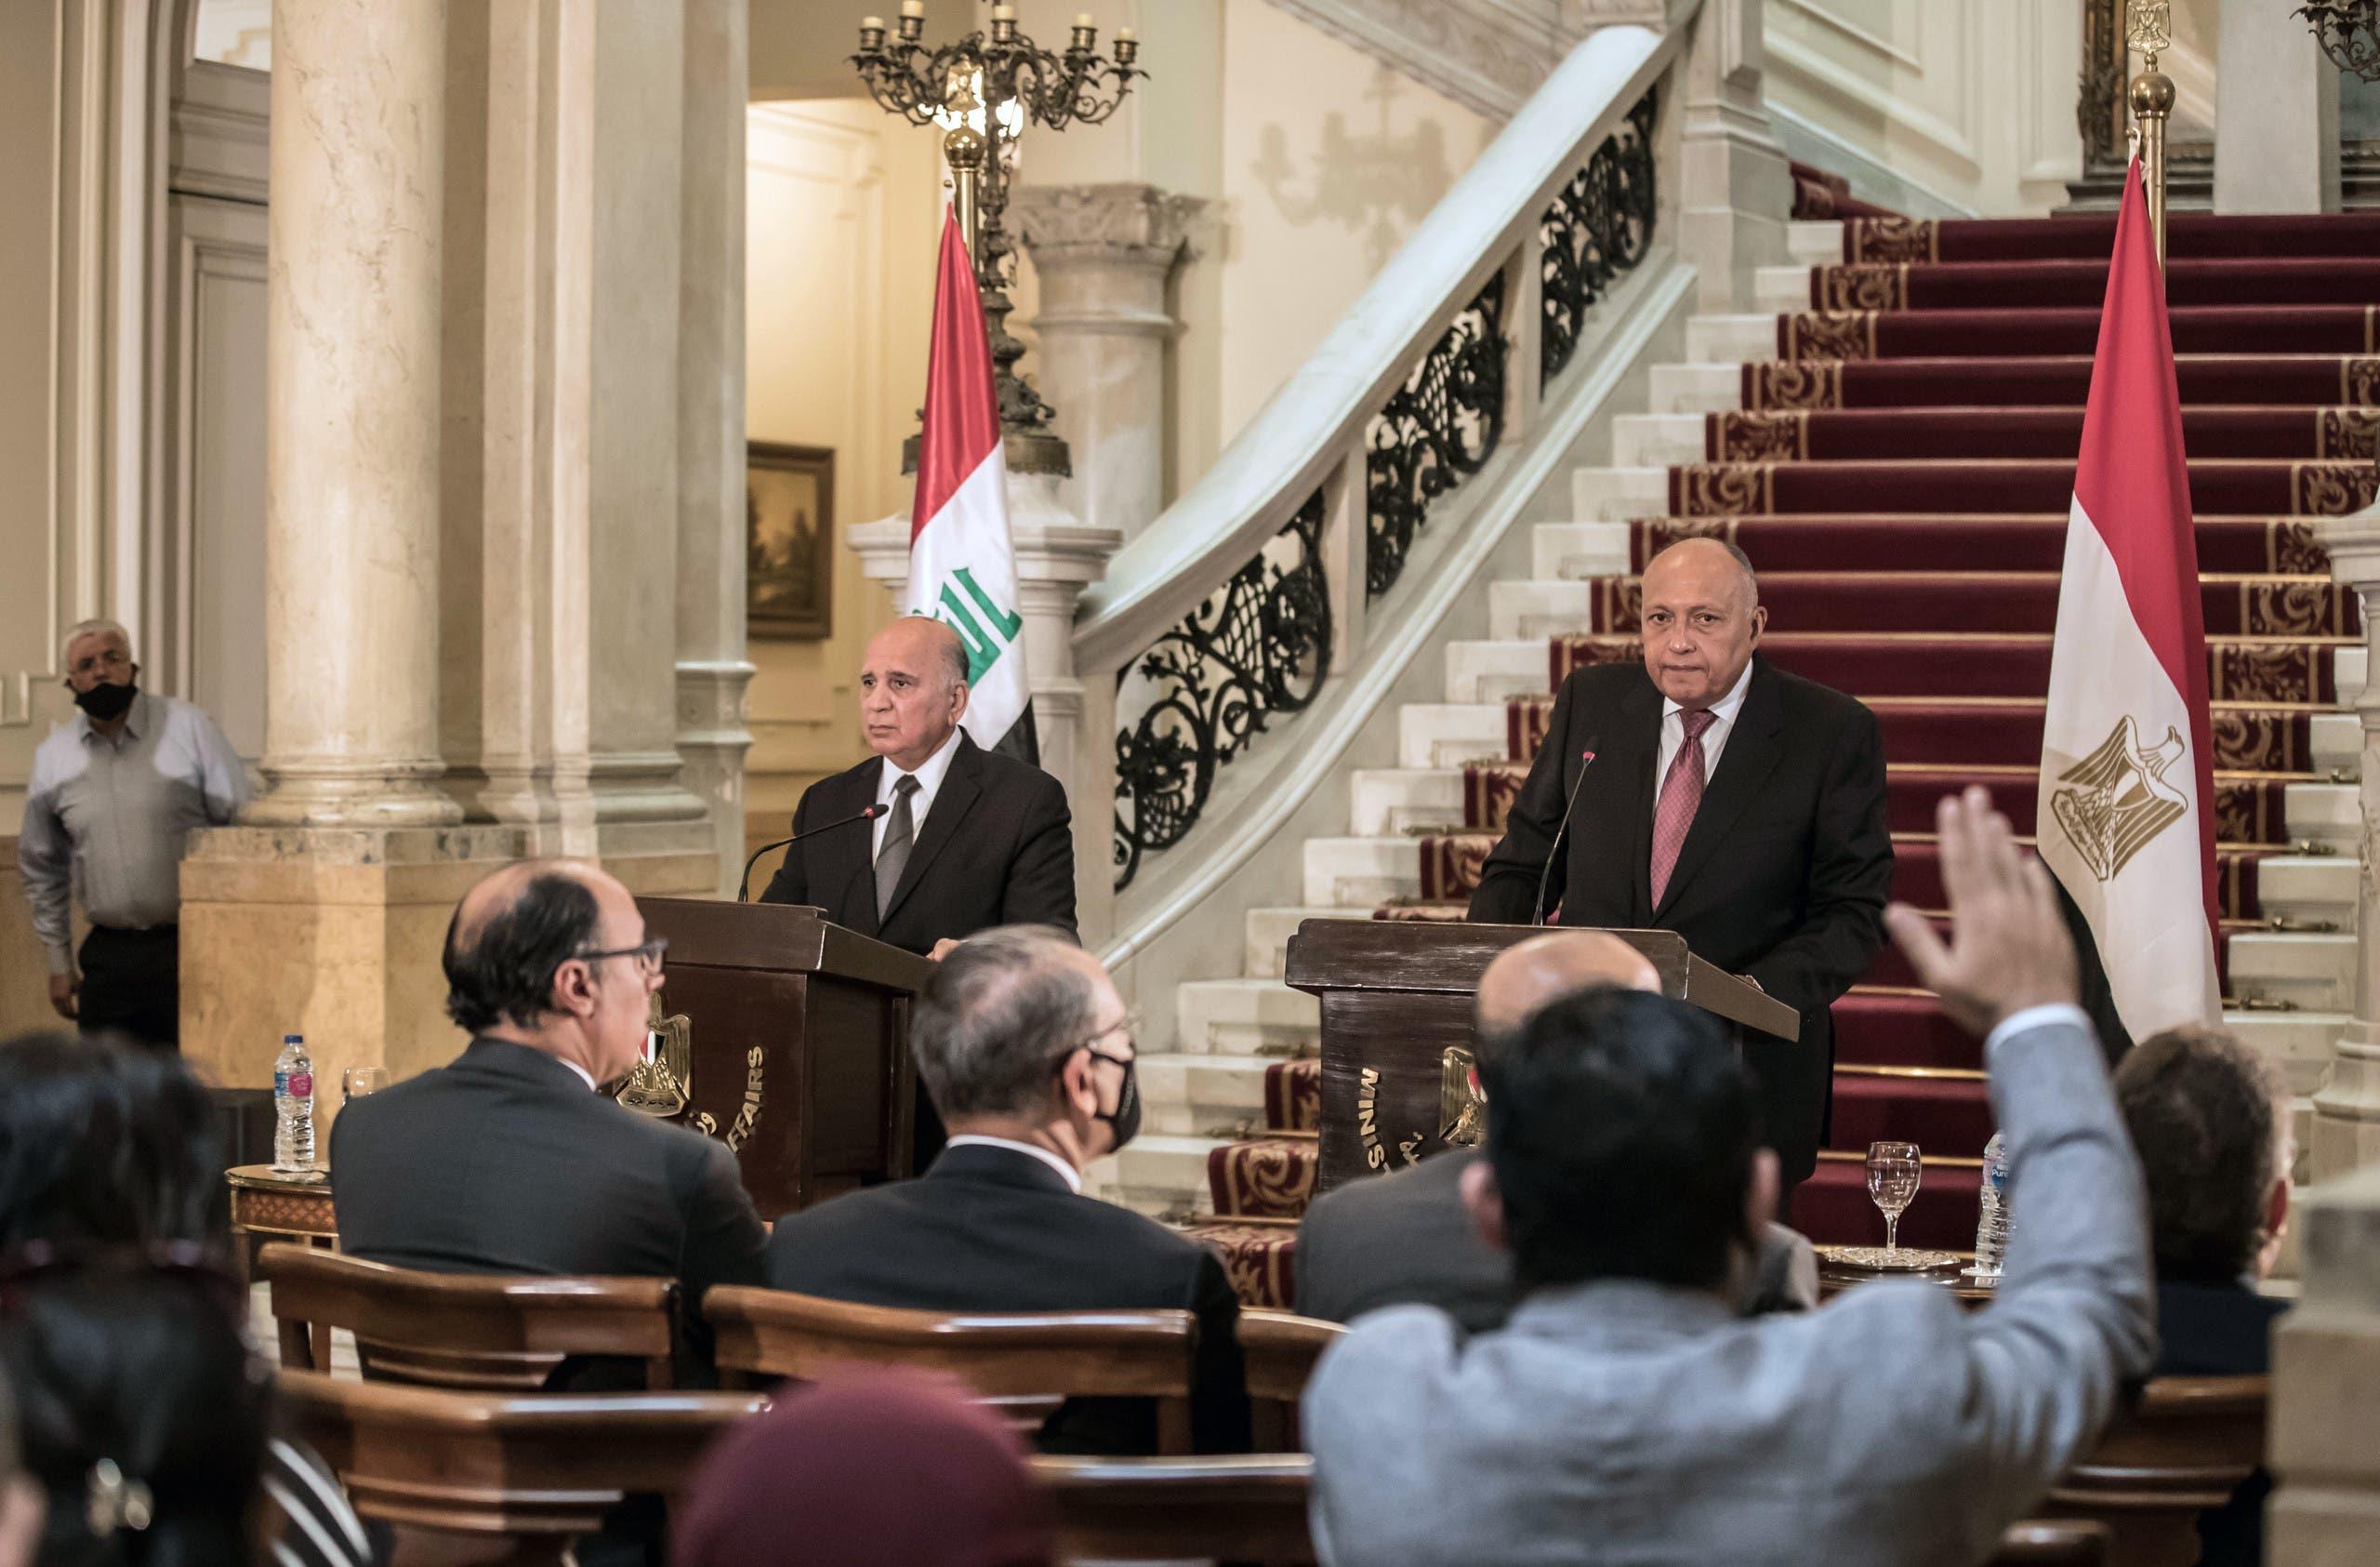 وزيرا الخارجية المصري سامح شكري والعراقي فؤاد حسين